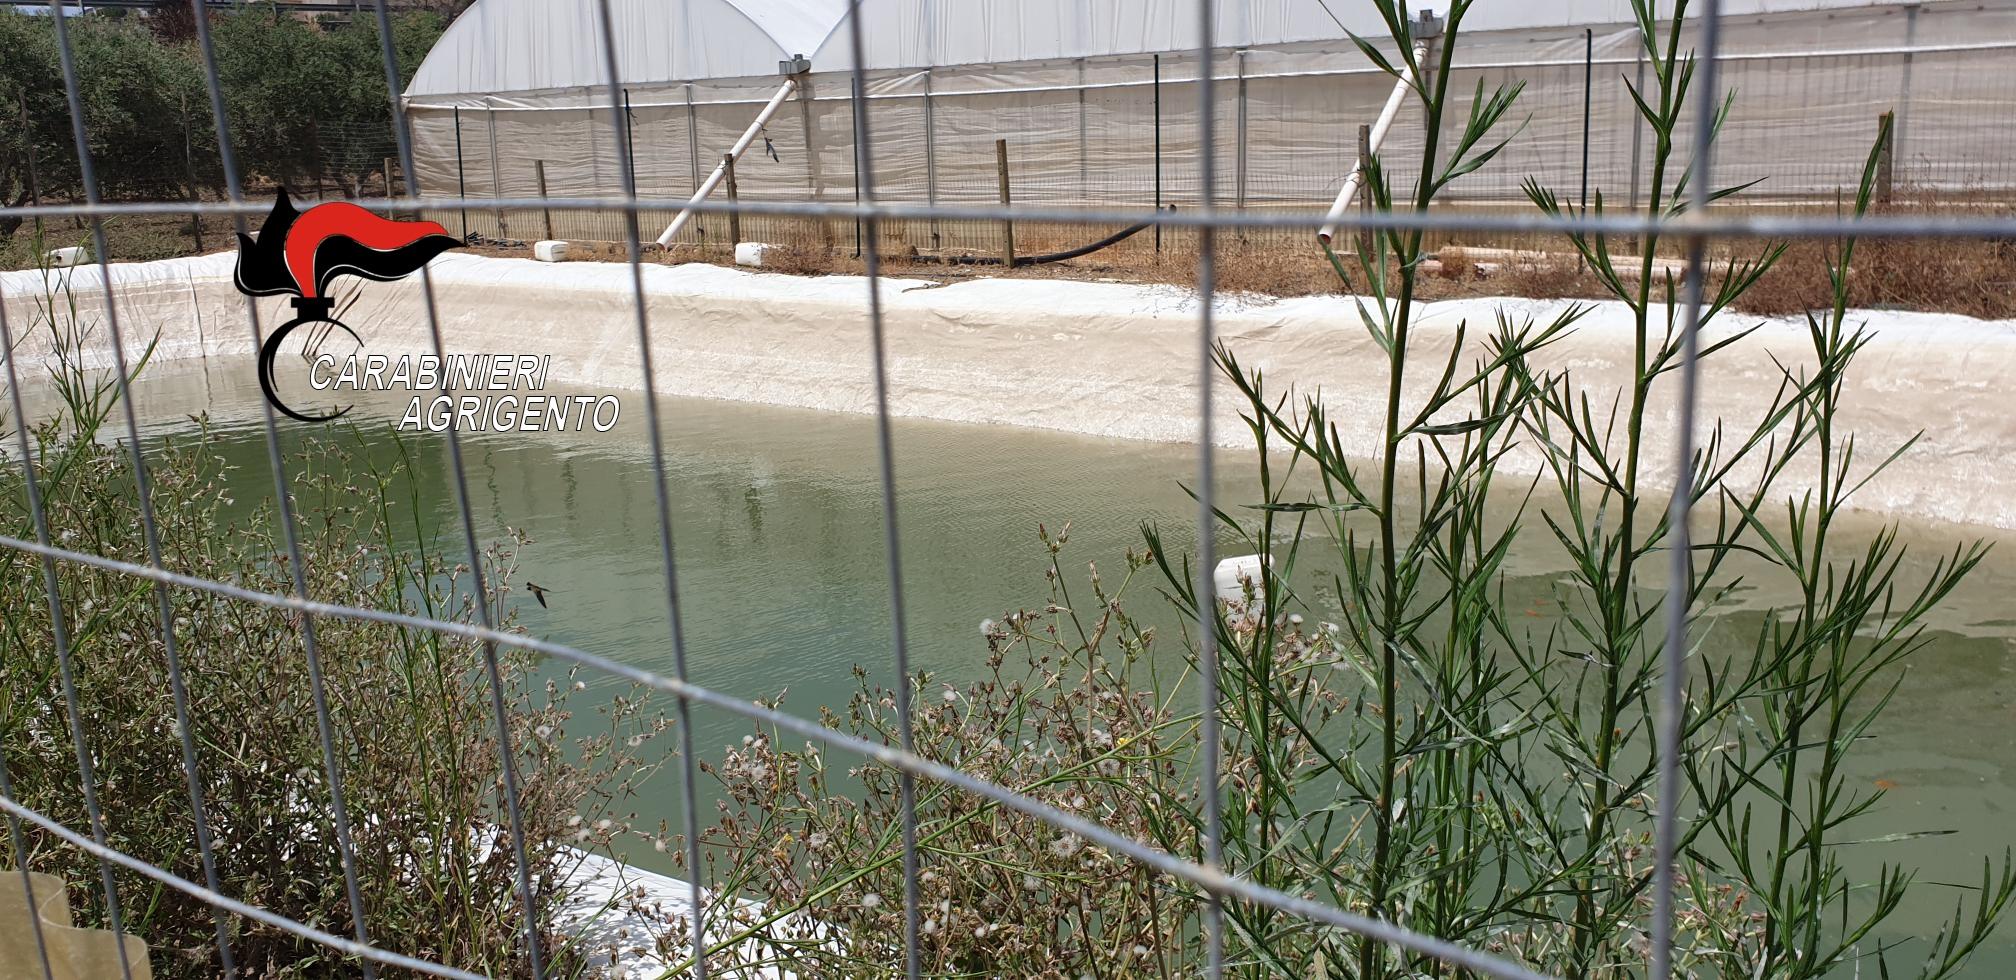 Furti d'acqua nell'Agrigentino, 3 arresti e controlli a tappeto